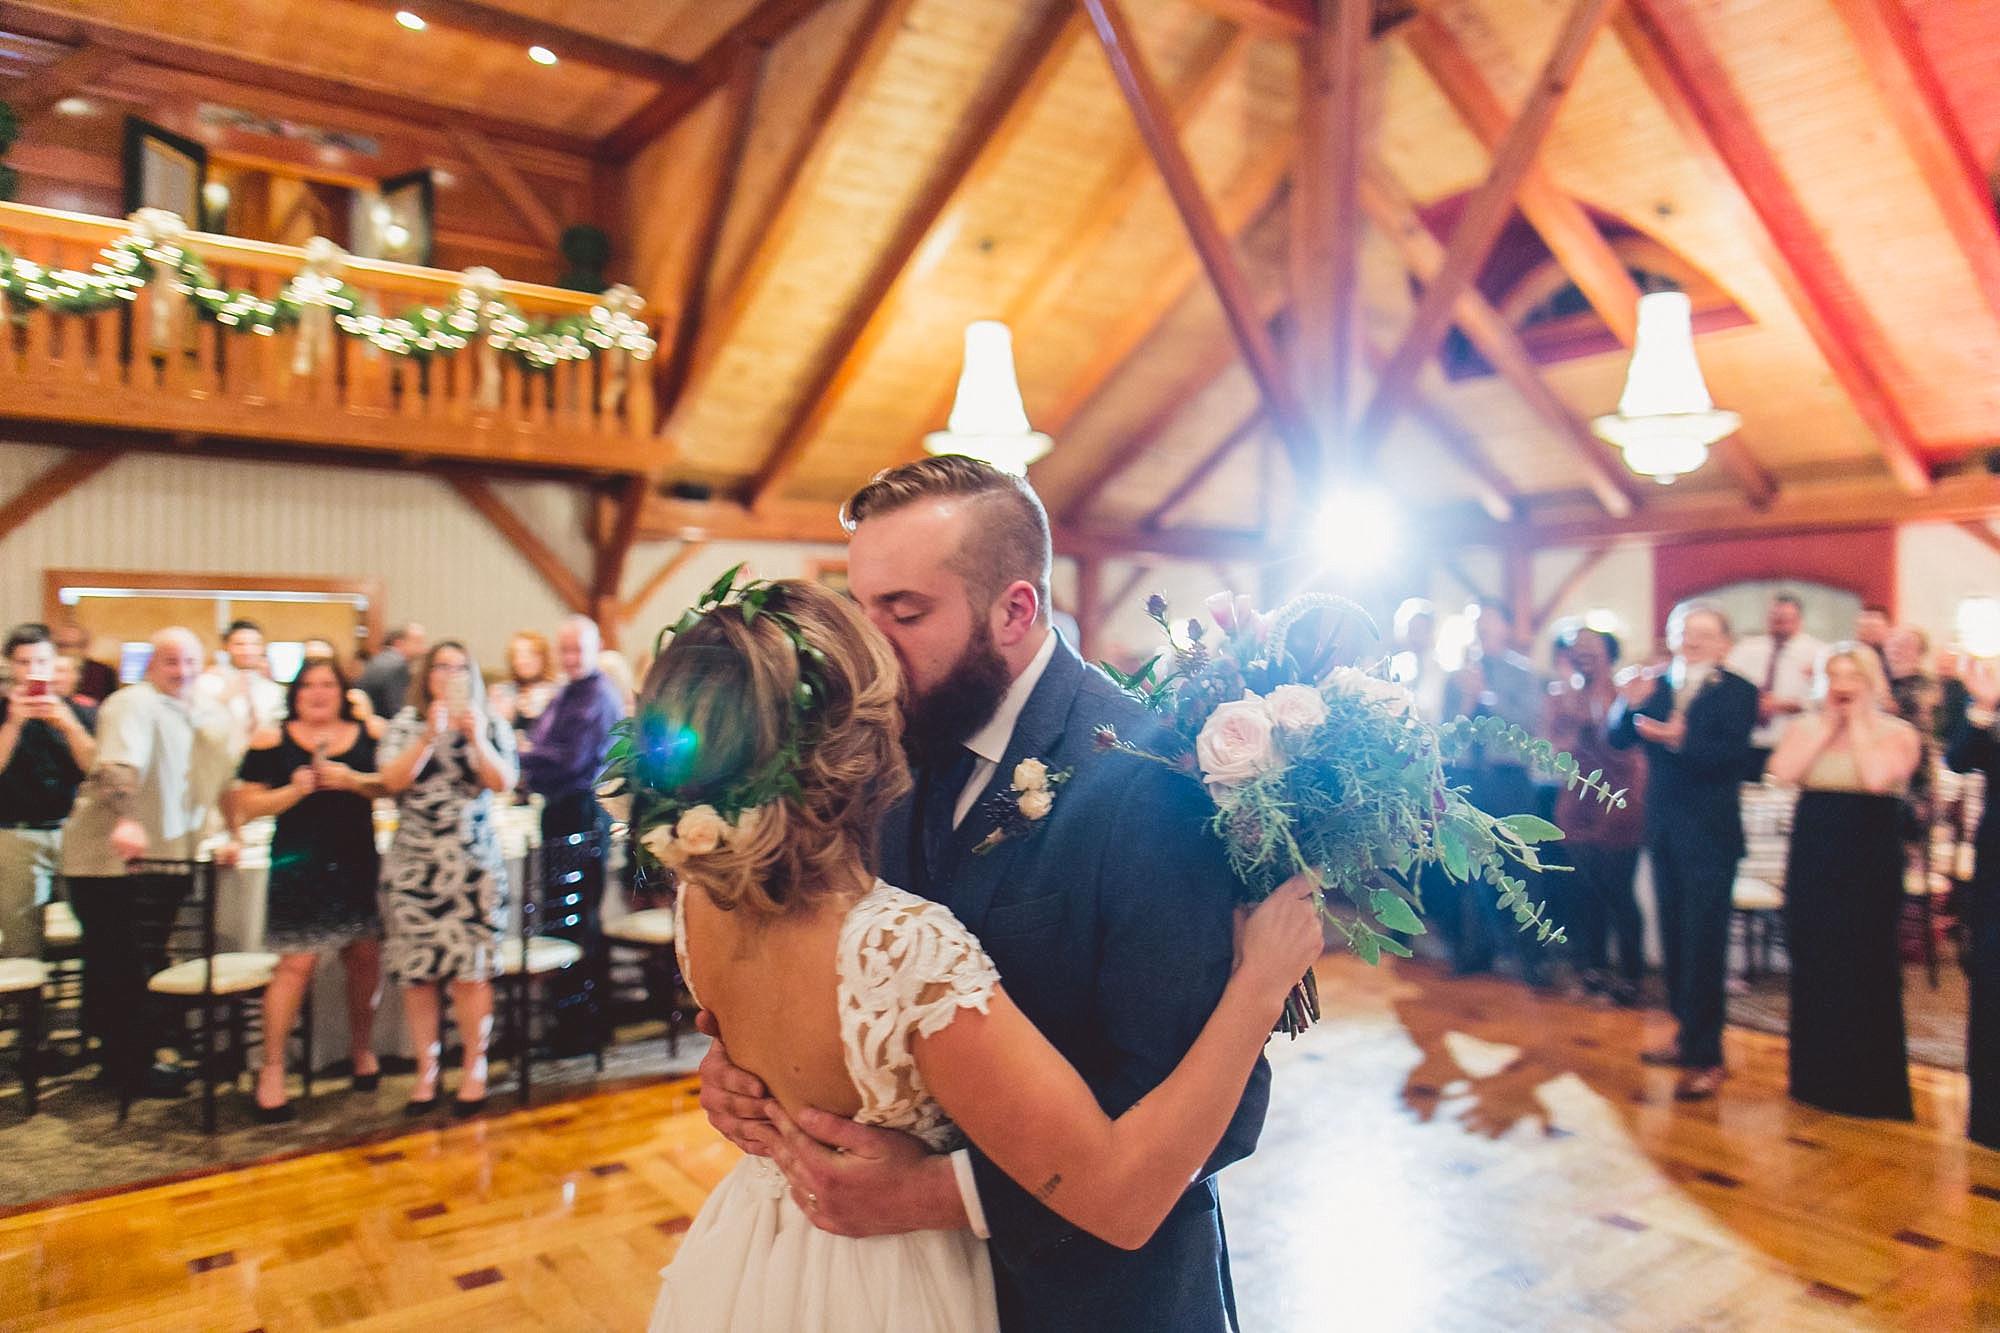 Tweaksbury-country-clup-wedding-73.jpg